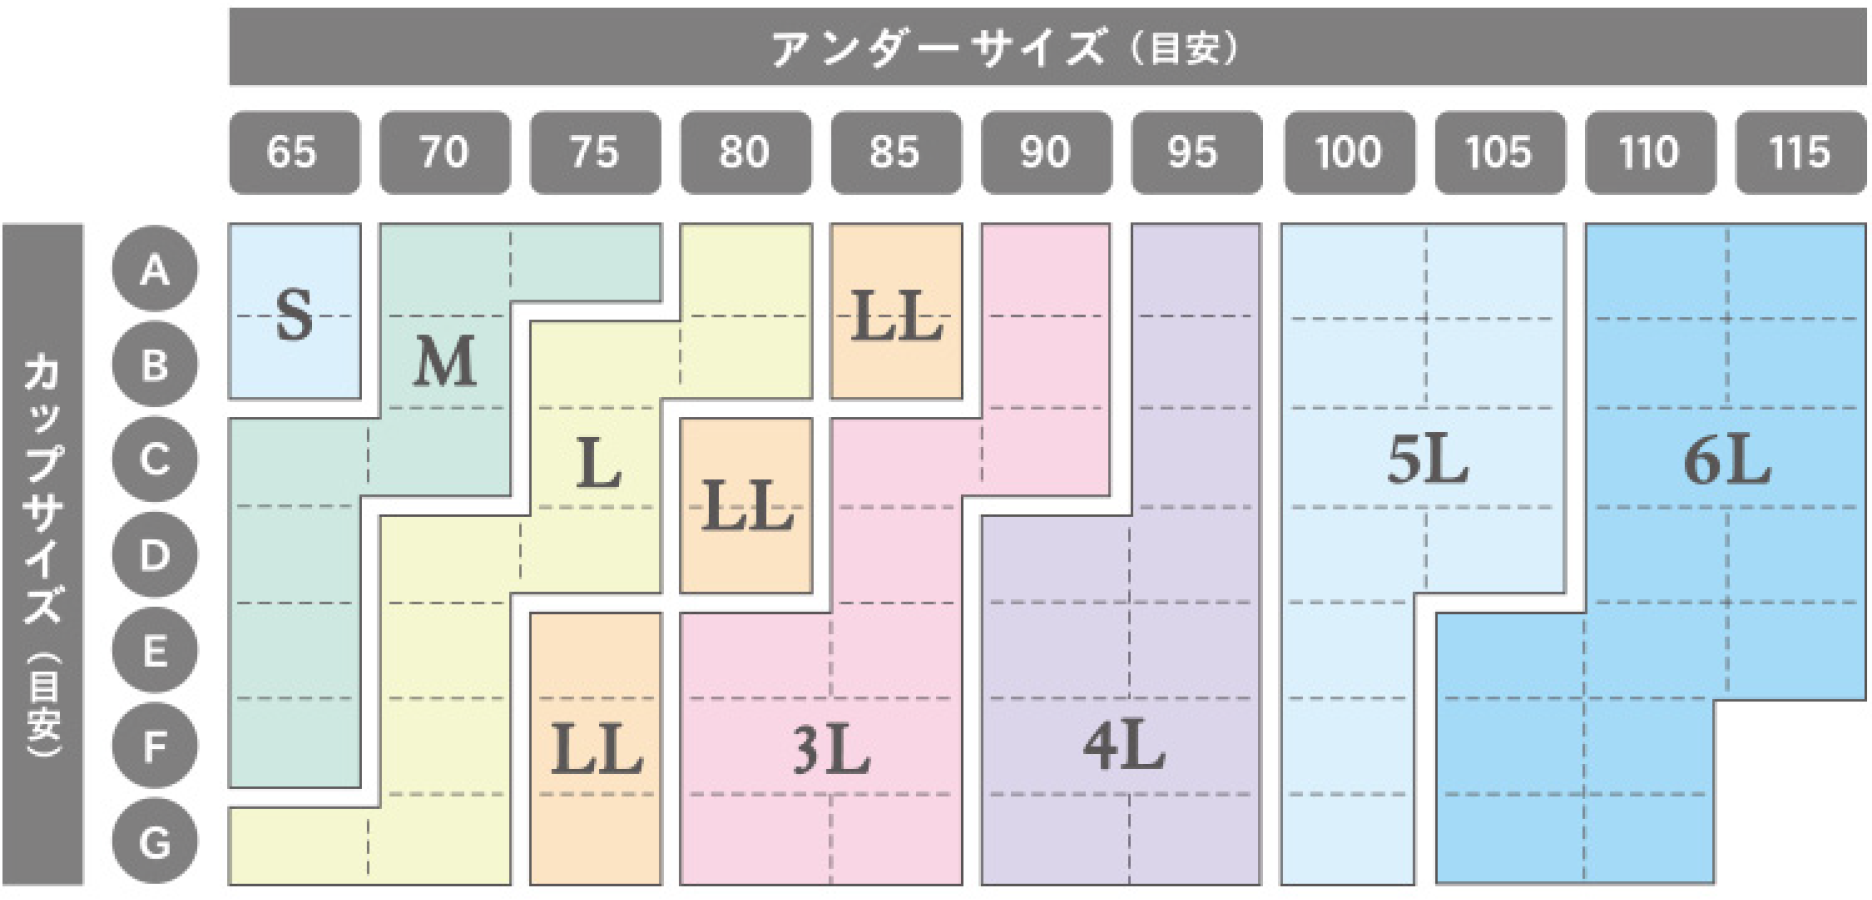 シークレット 10000 エ ジニ セット ブラ 枚 円 6 ジニエブラエアー 6枚セット